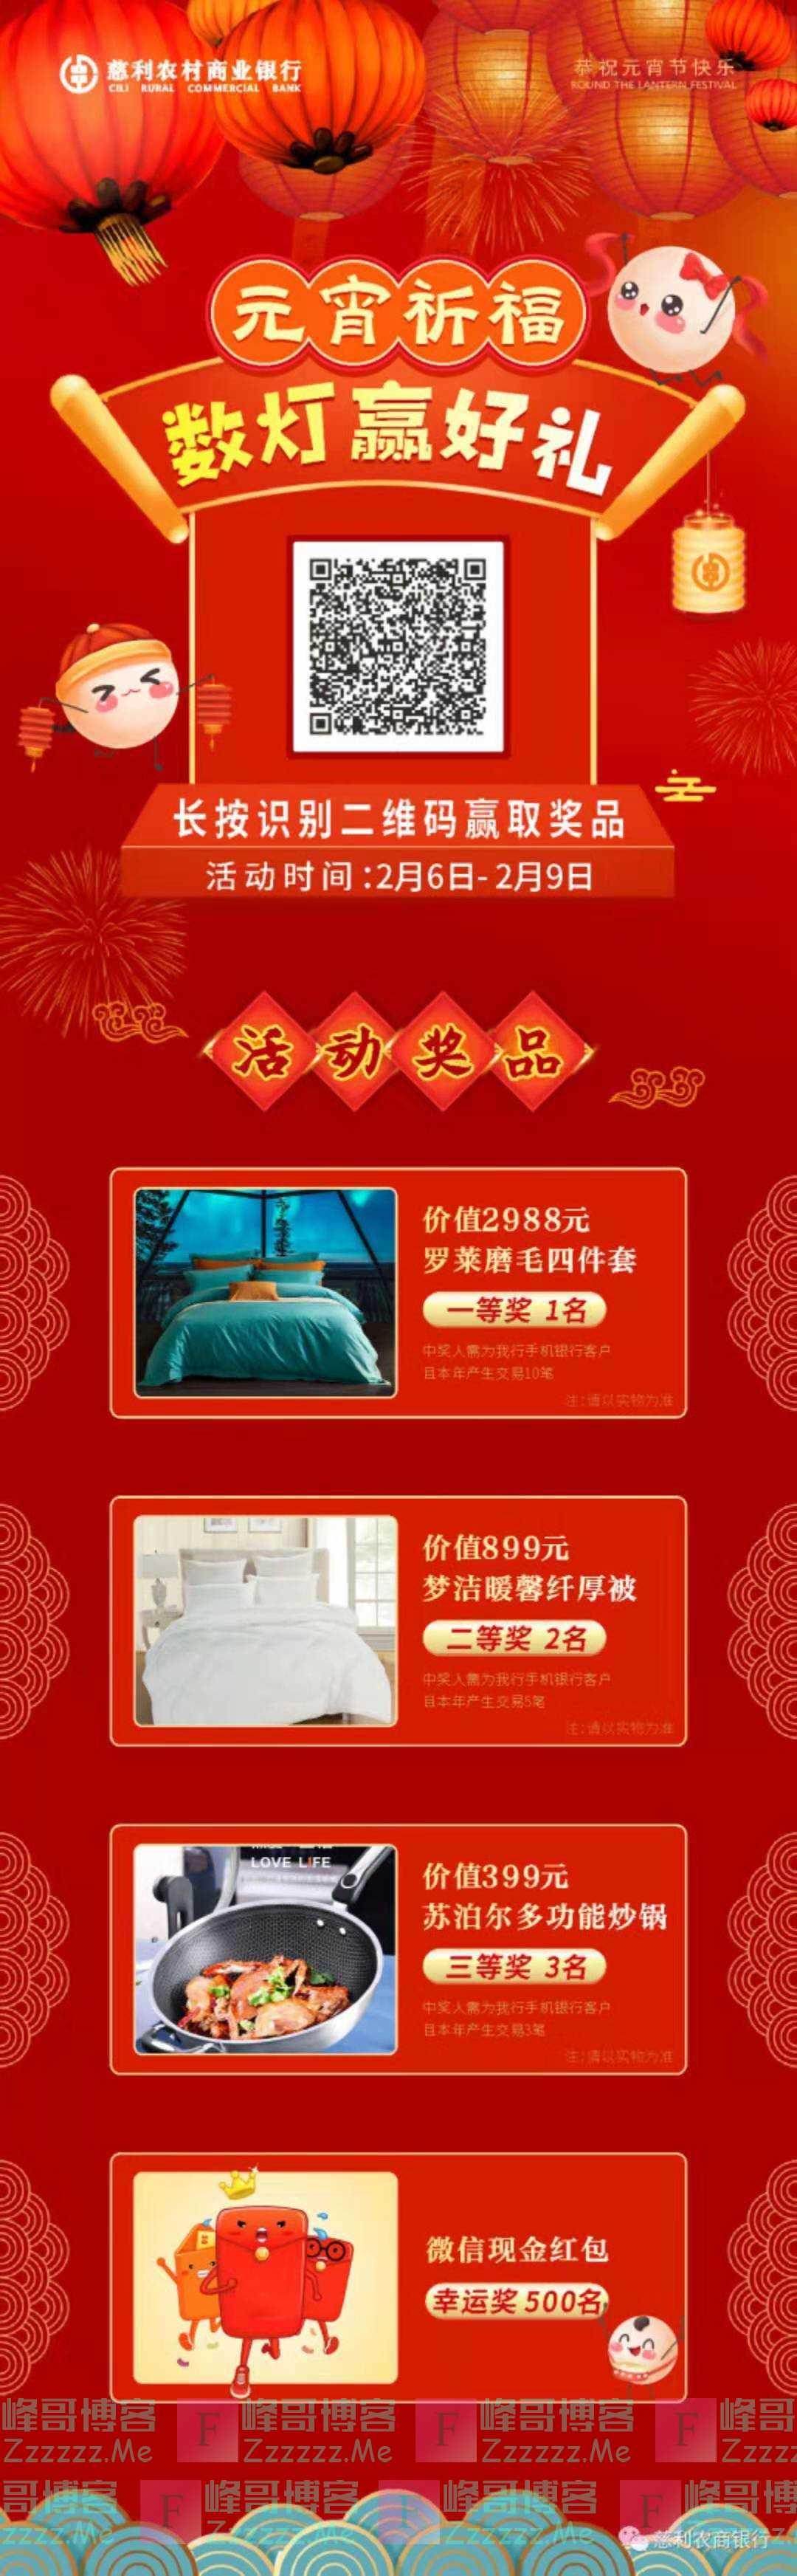 慈利农商银行数灯祈福赢好礼(截止2月9日)